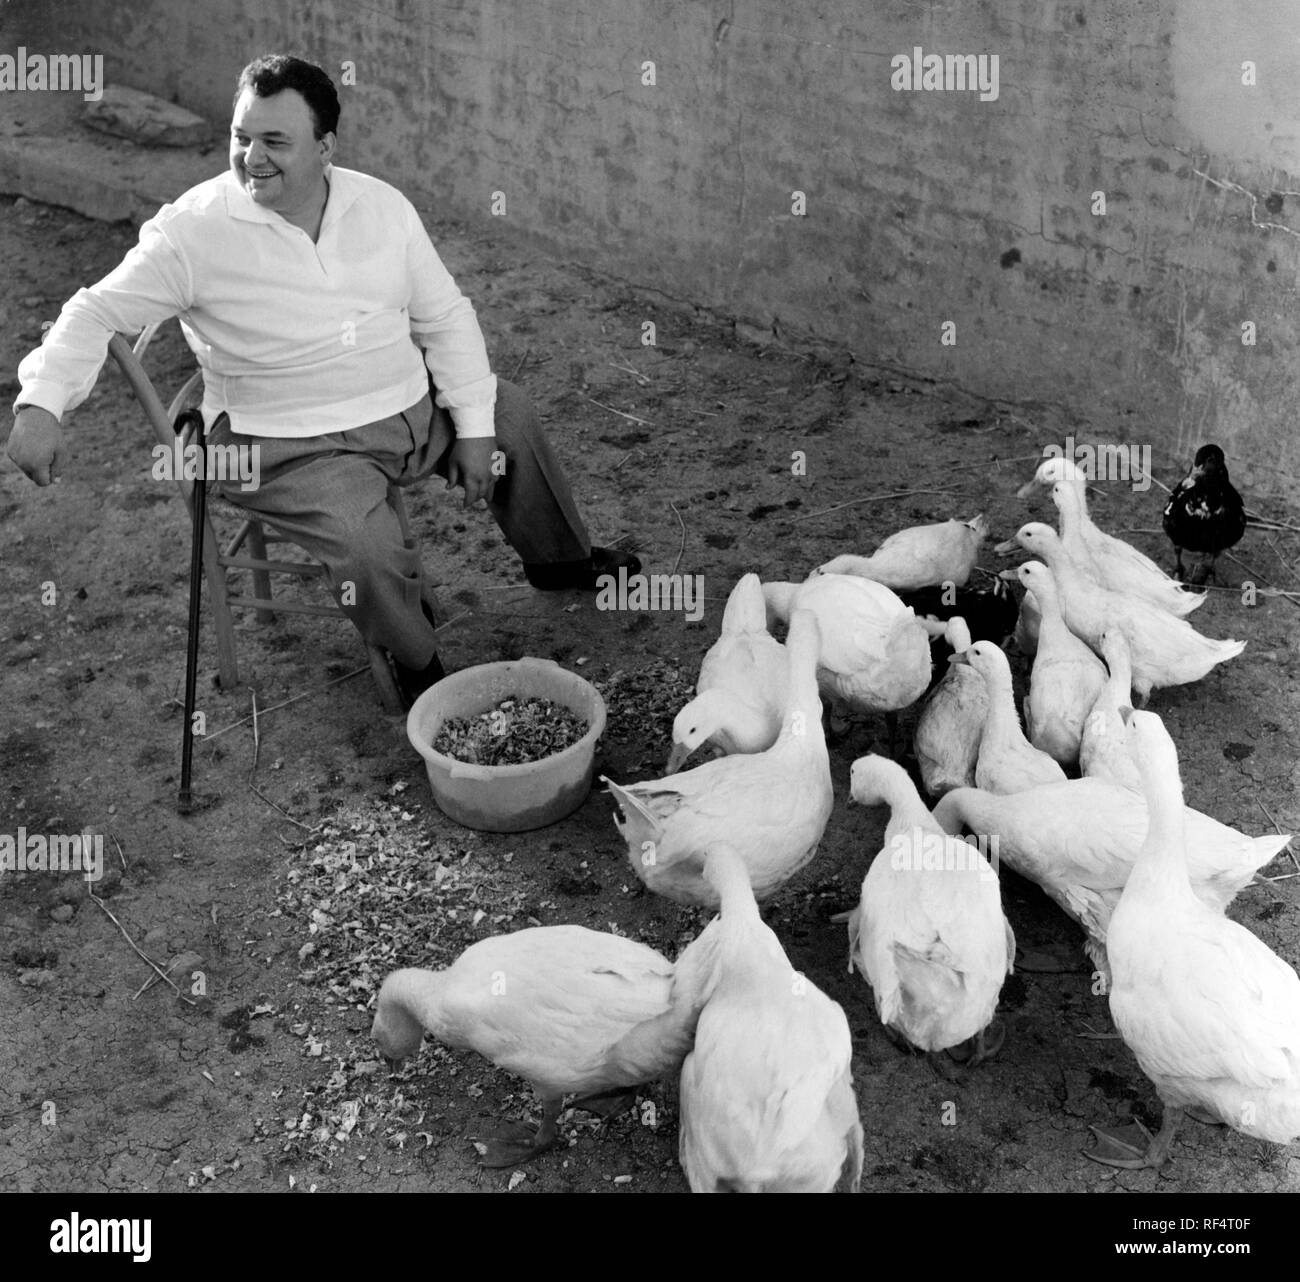 luciano tajoli , italian singer and actor, 1962 Stock Photo